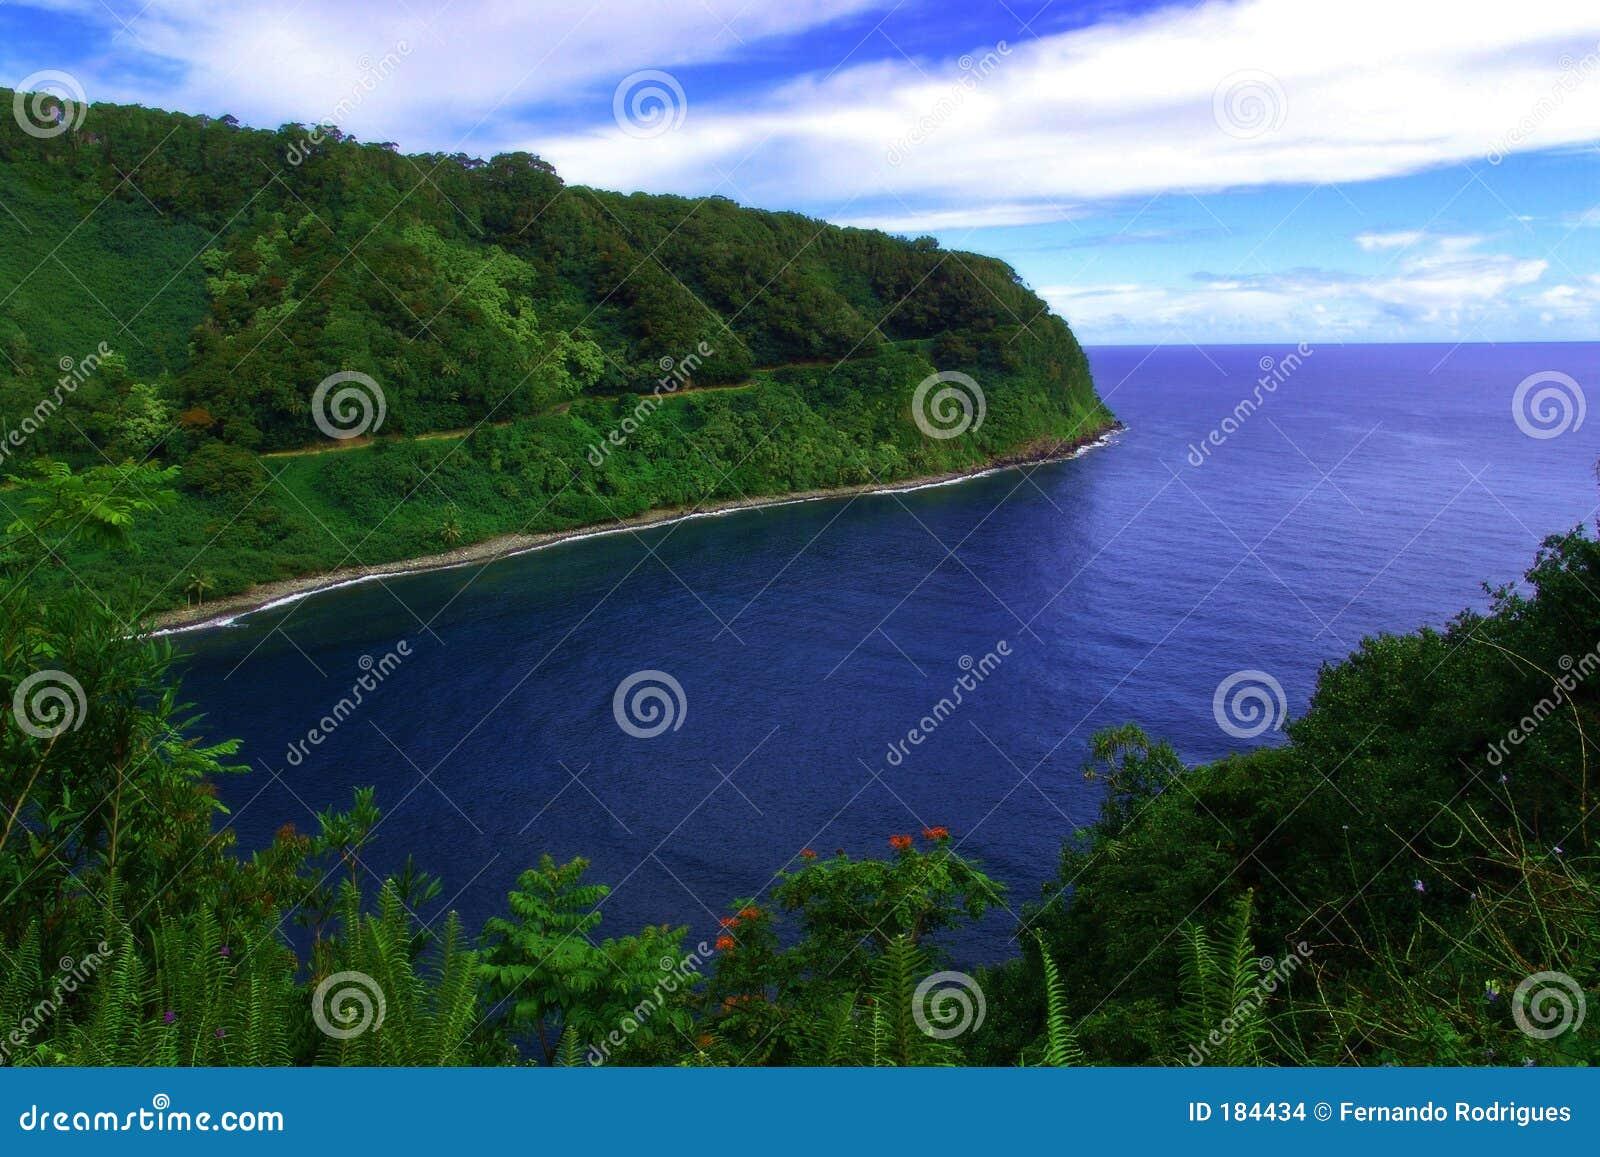 Una playa dentro de una bahía